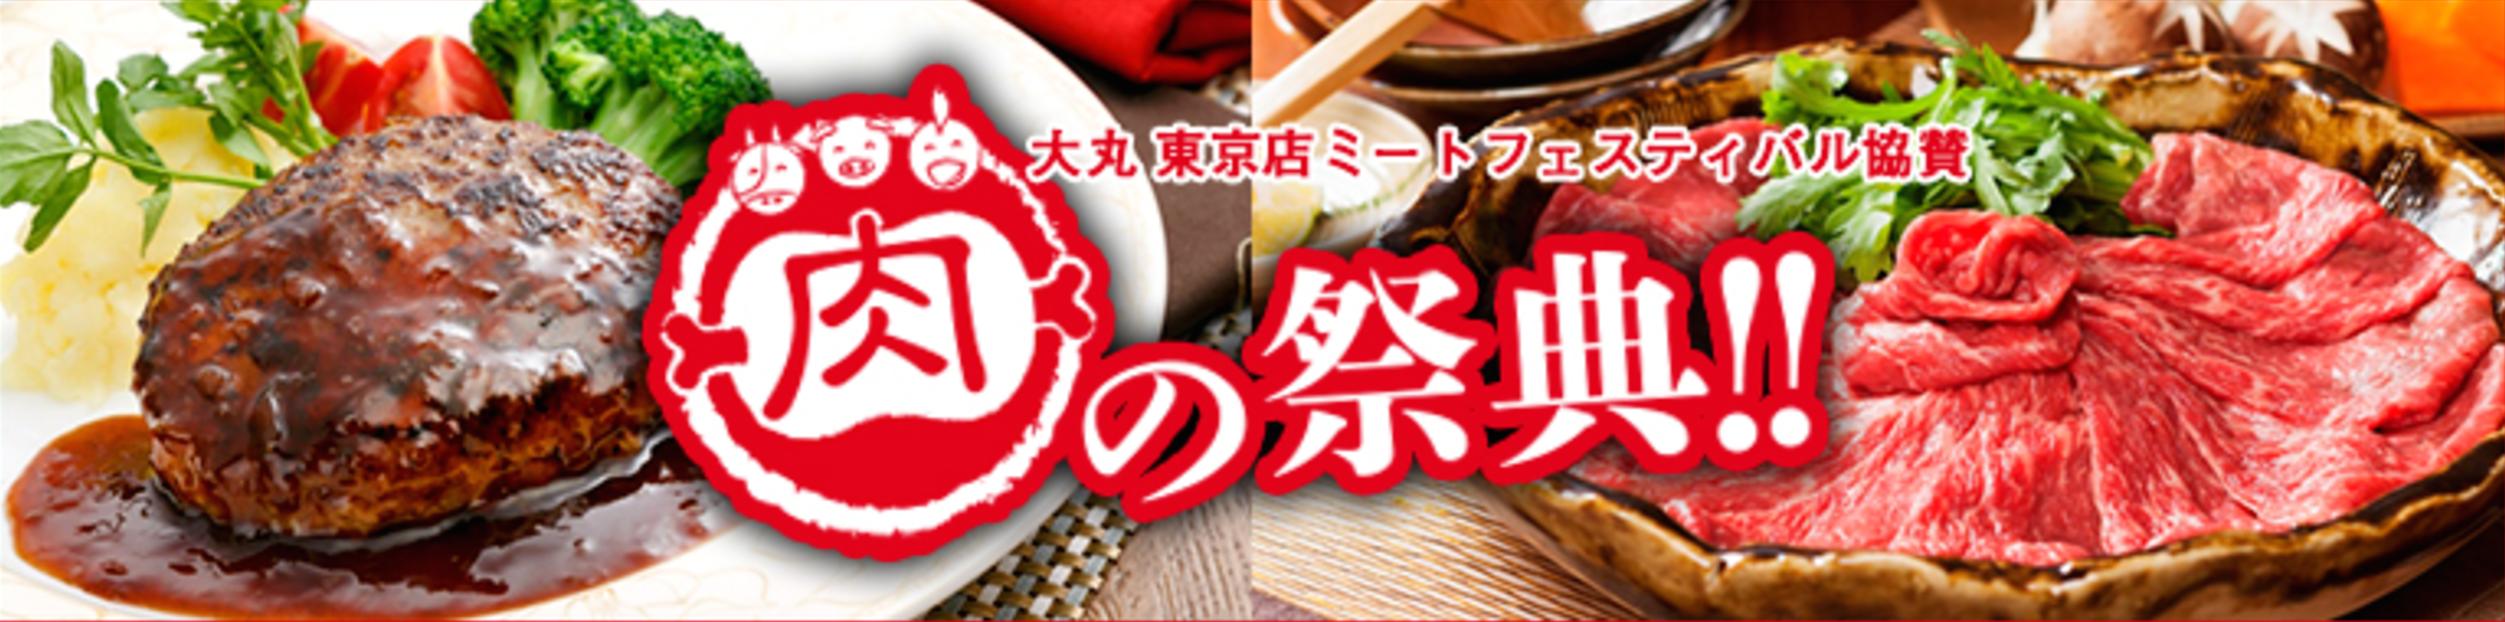 【大丸松坂屋百貨店】肉年(平成29年)にちなみ、名古屋店で「肉の祭典」開催! - e15020771499146a963ca2f6c51d4df5